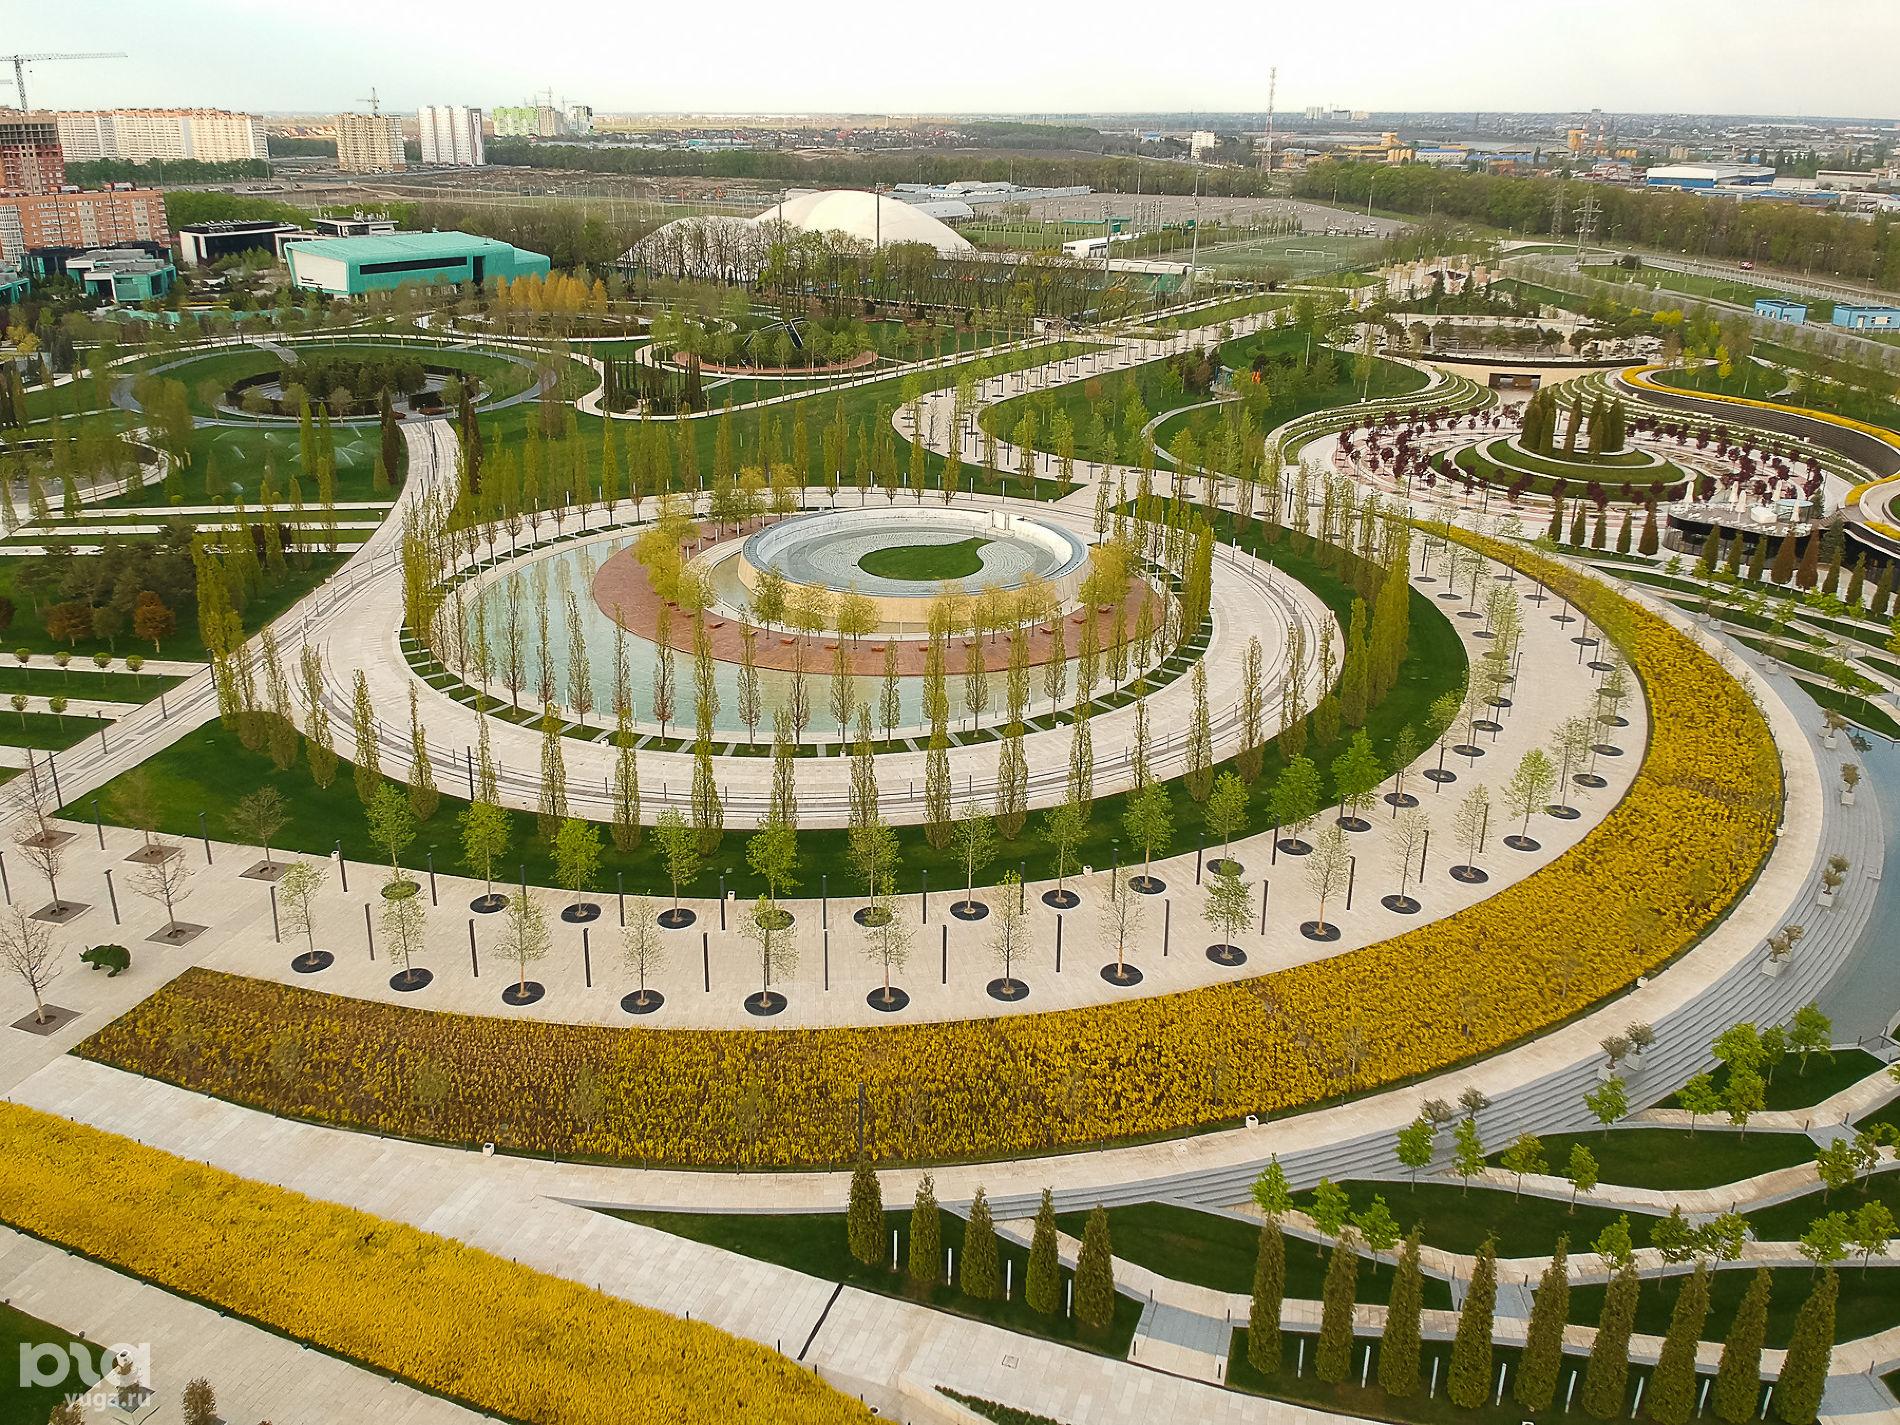 парк возле стадиона краснодар фото месяц-полтора, уже совсем